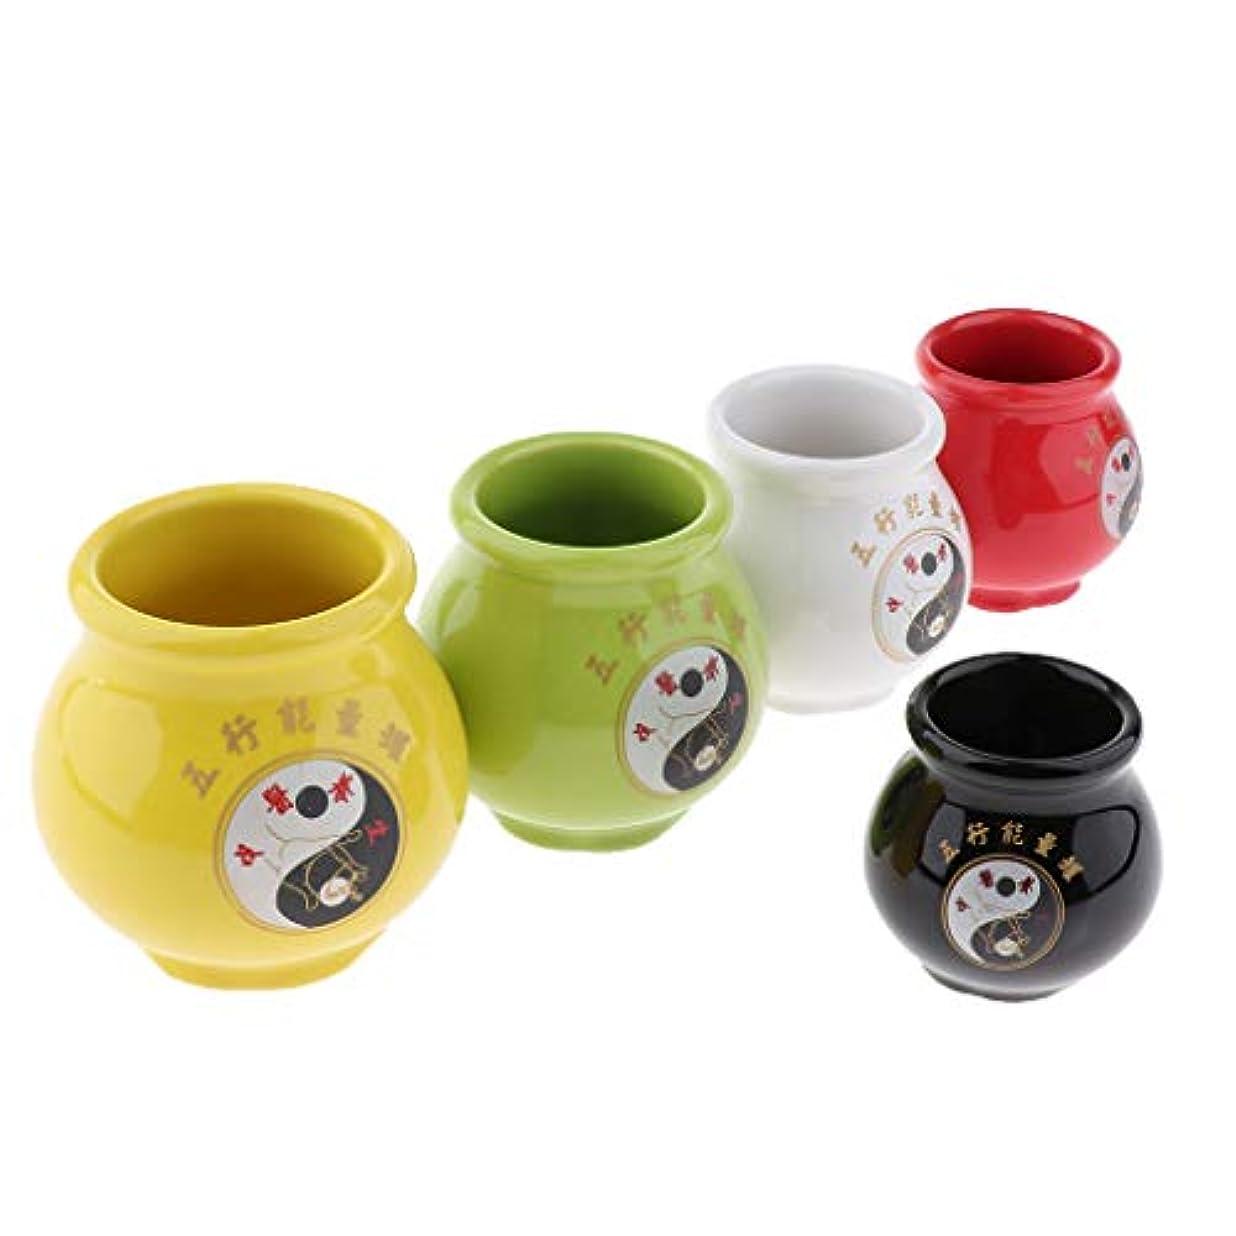 科学的バルセロナバストマッサージ吸い玉 カッピングカップ セラミック 真空 健康ケア 男女兼用 5個入